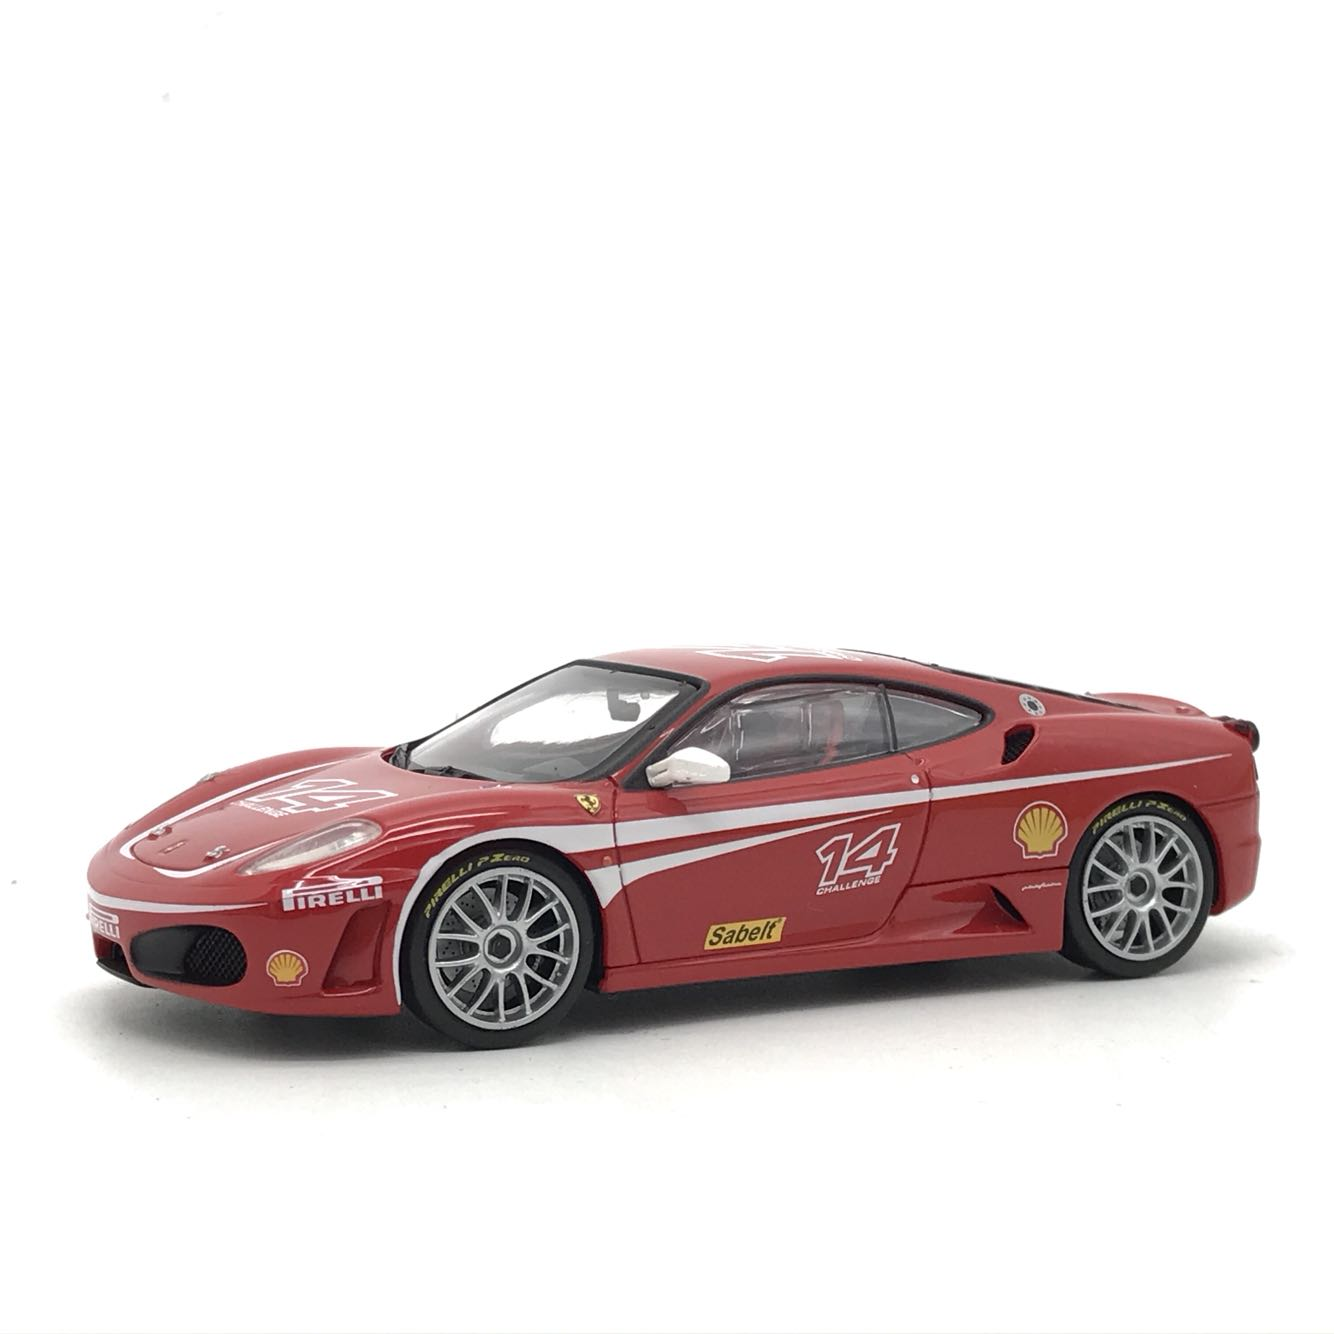 精品级!1:43 F430冠军版 汽车模型 长10cm(底盘是合金的)